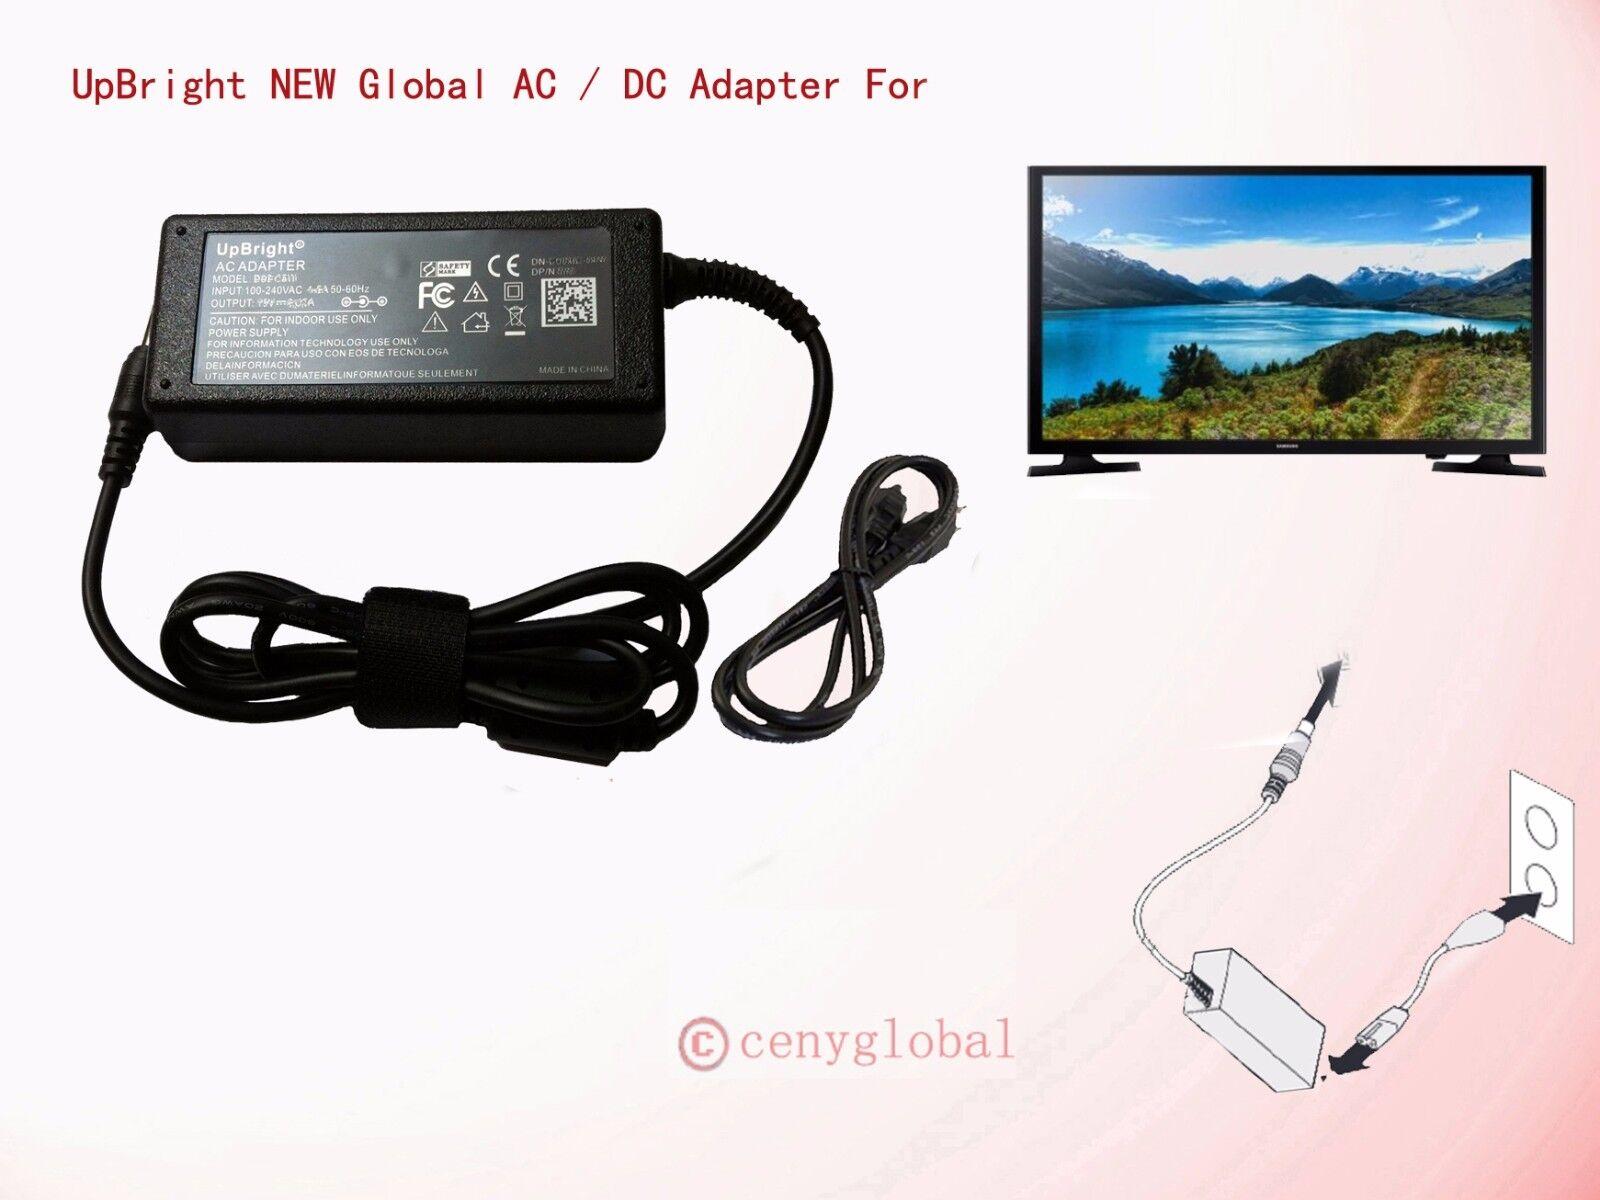 samsung tv model un32j4000af. ac-power-adapter-for-samsung-un32j400daf-un32j4000af-un32j5205- samsung tv model un32j4000af